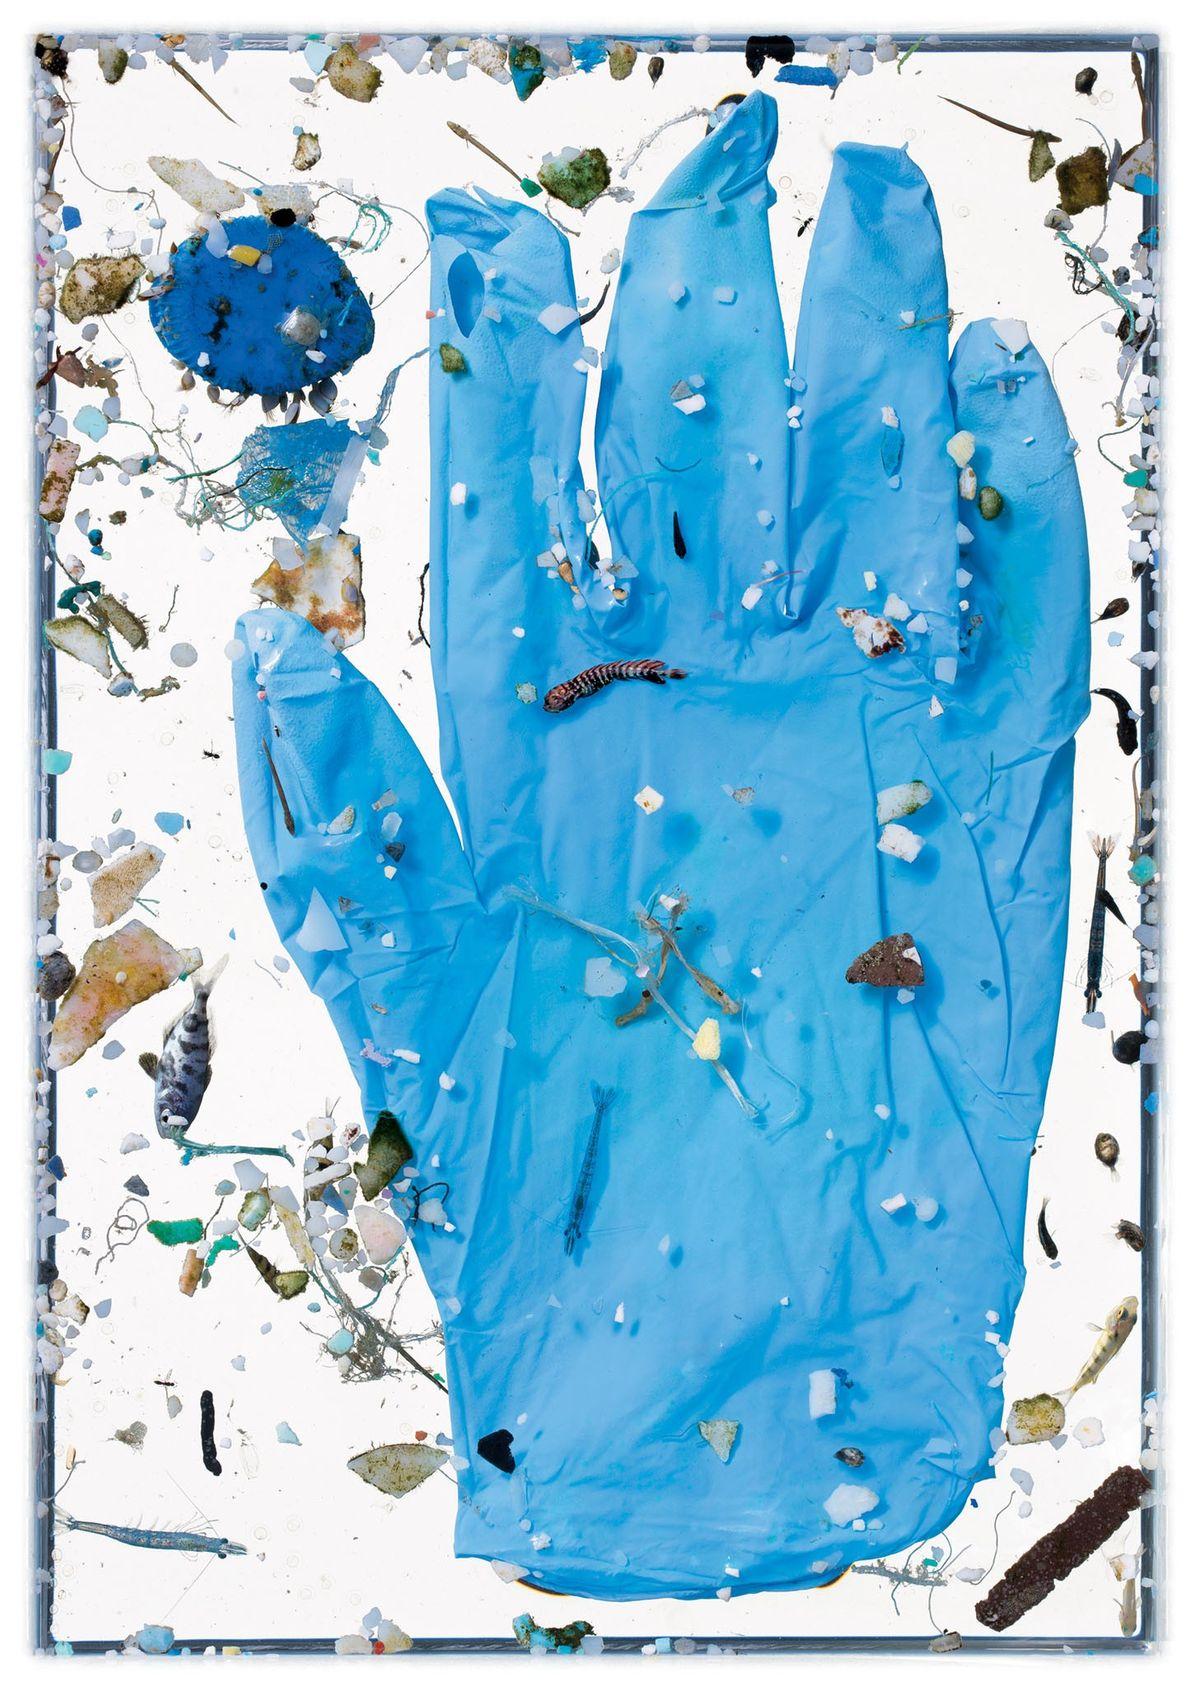 Le gant bleu n'est pas resté suffisamment longtemps dans l'eau pour connaître le même sort que ...